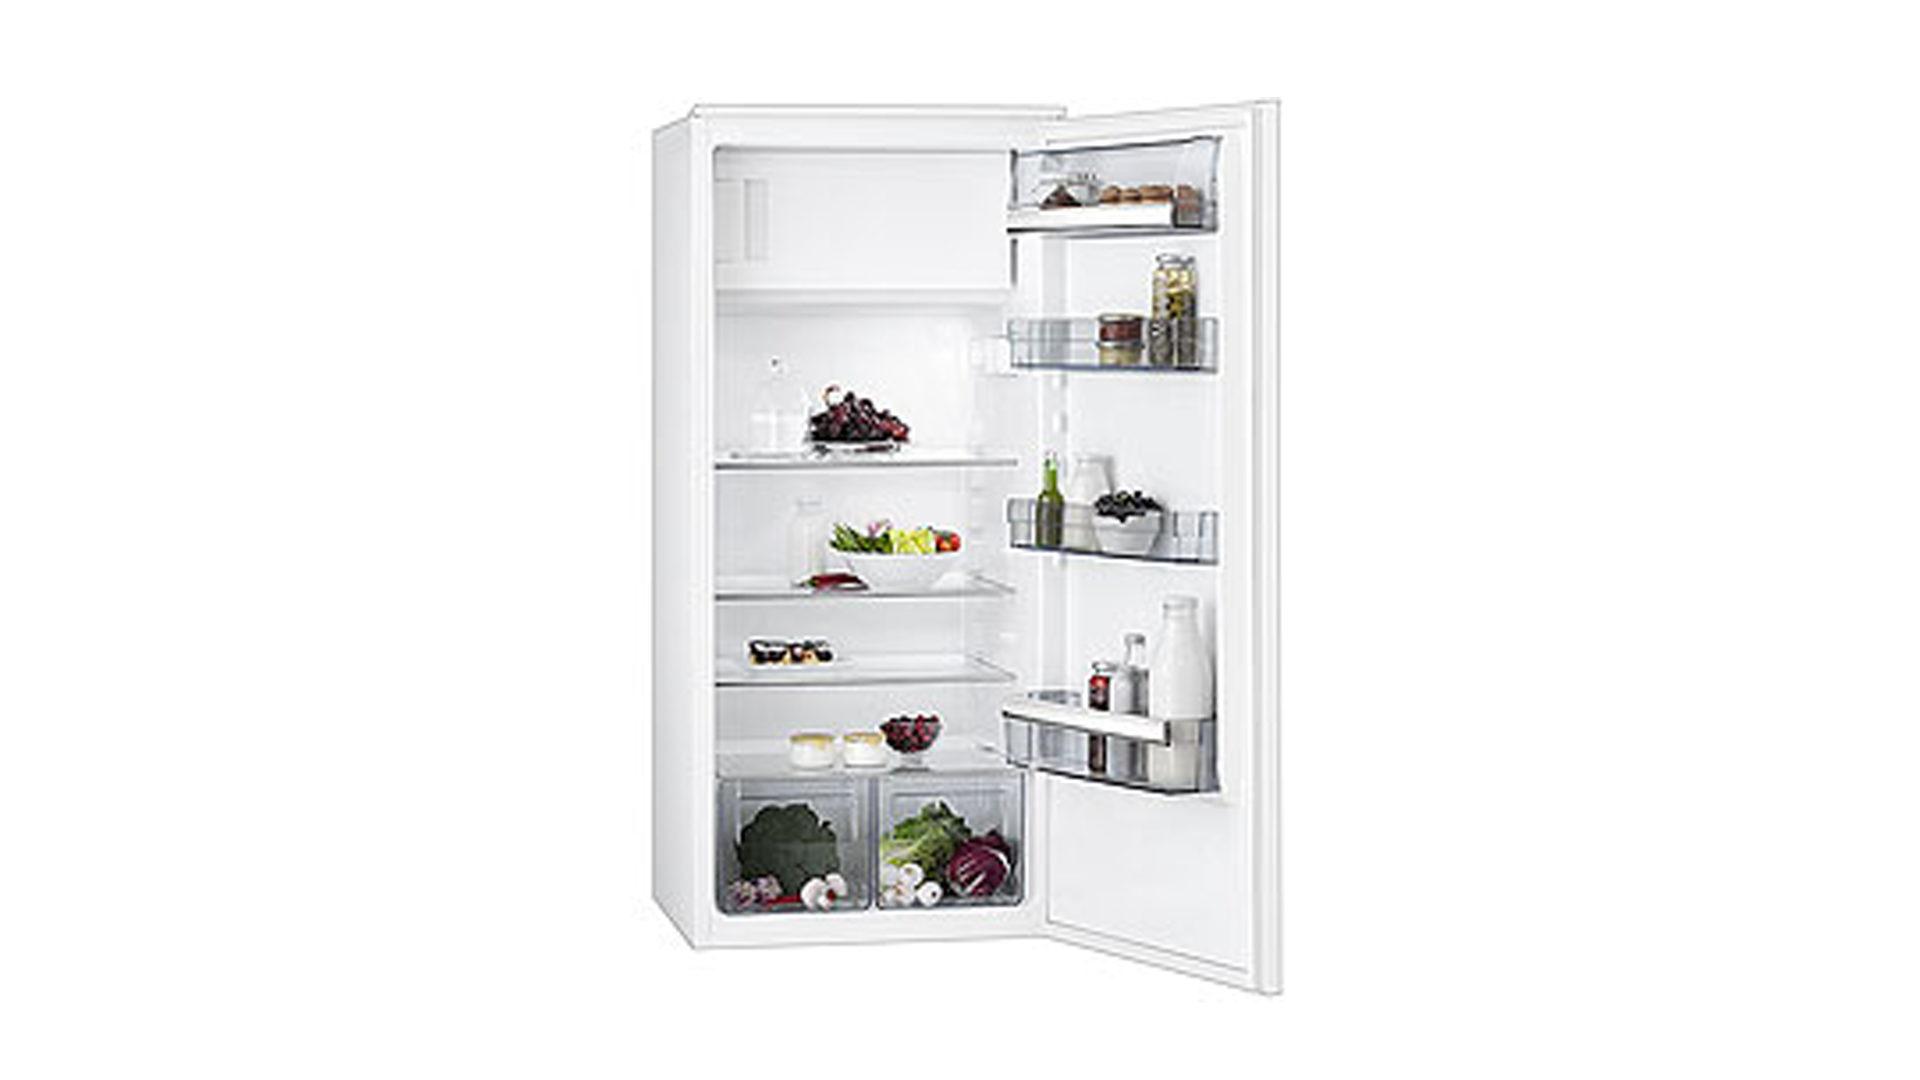 Aeg Kühlschränke Ohne Gefrierfach : Wohnland breitwieser markenshops alle geräte aeg aeg